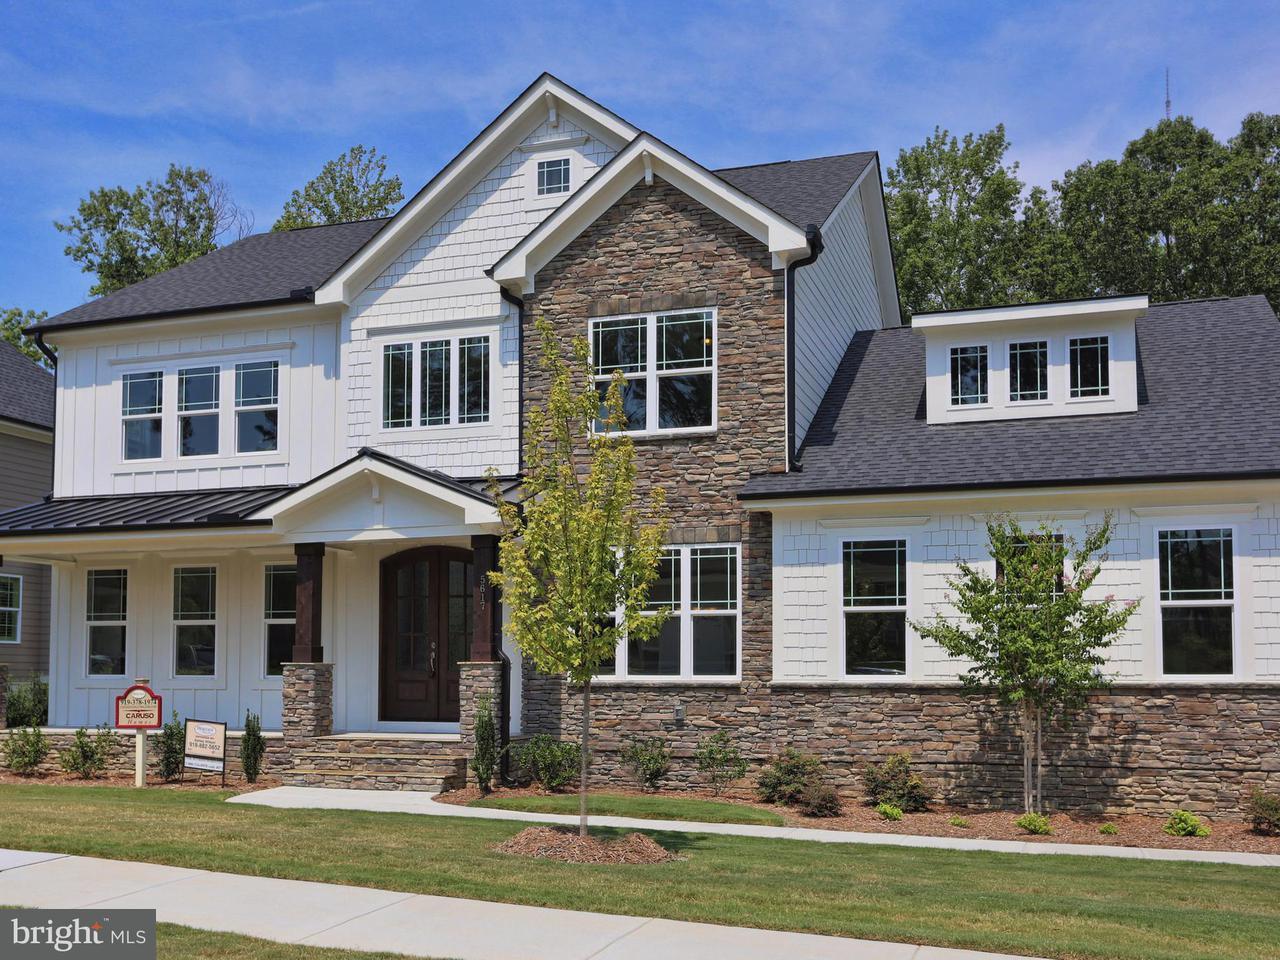 一戸建て のために 売買 アット Houcksville Road Houcksville Road Hampstead, メリーランド 21074 アメリカ合衆国